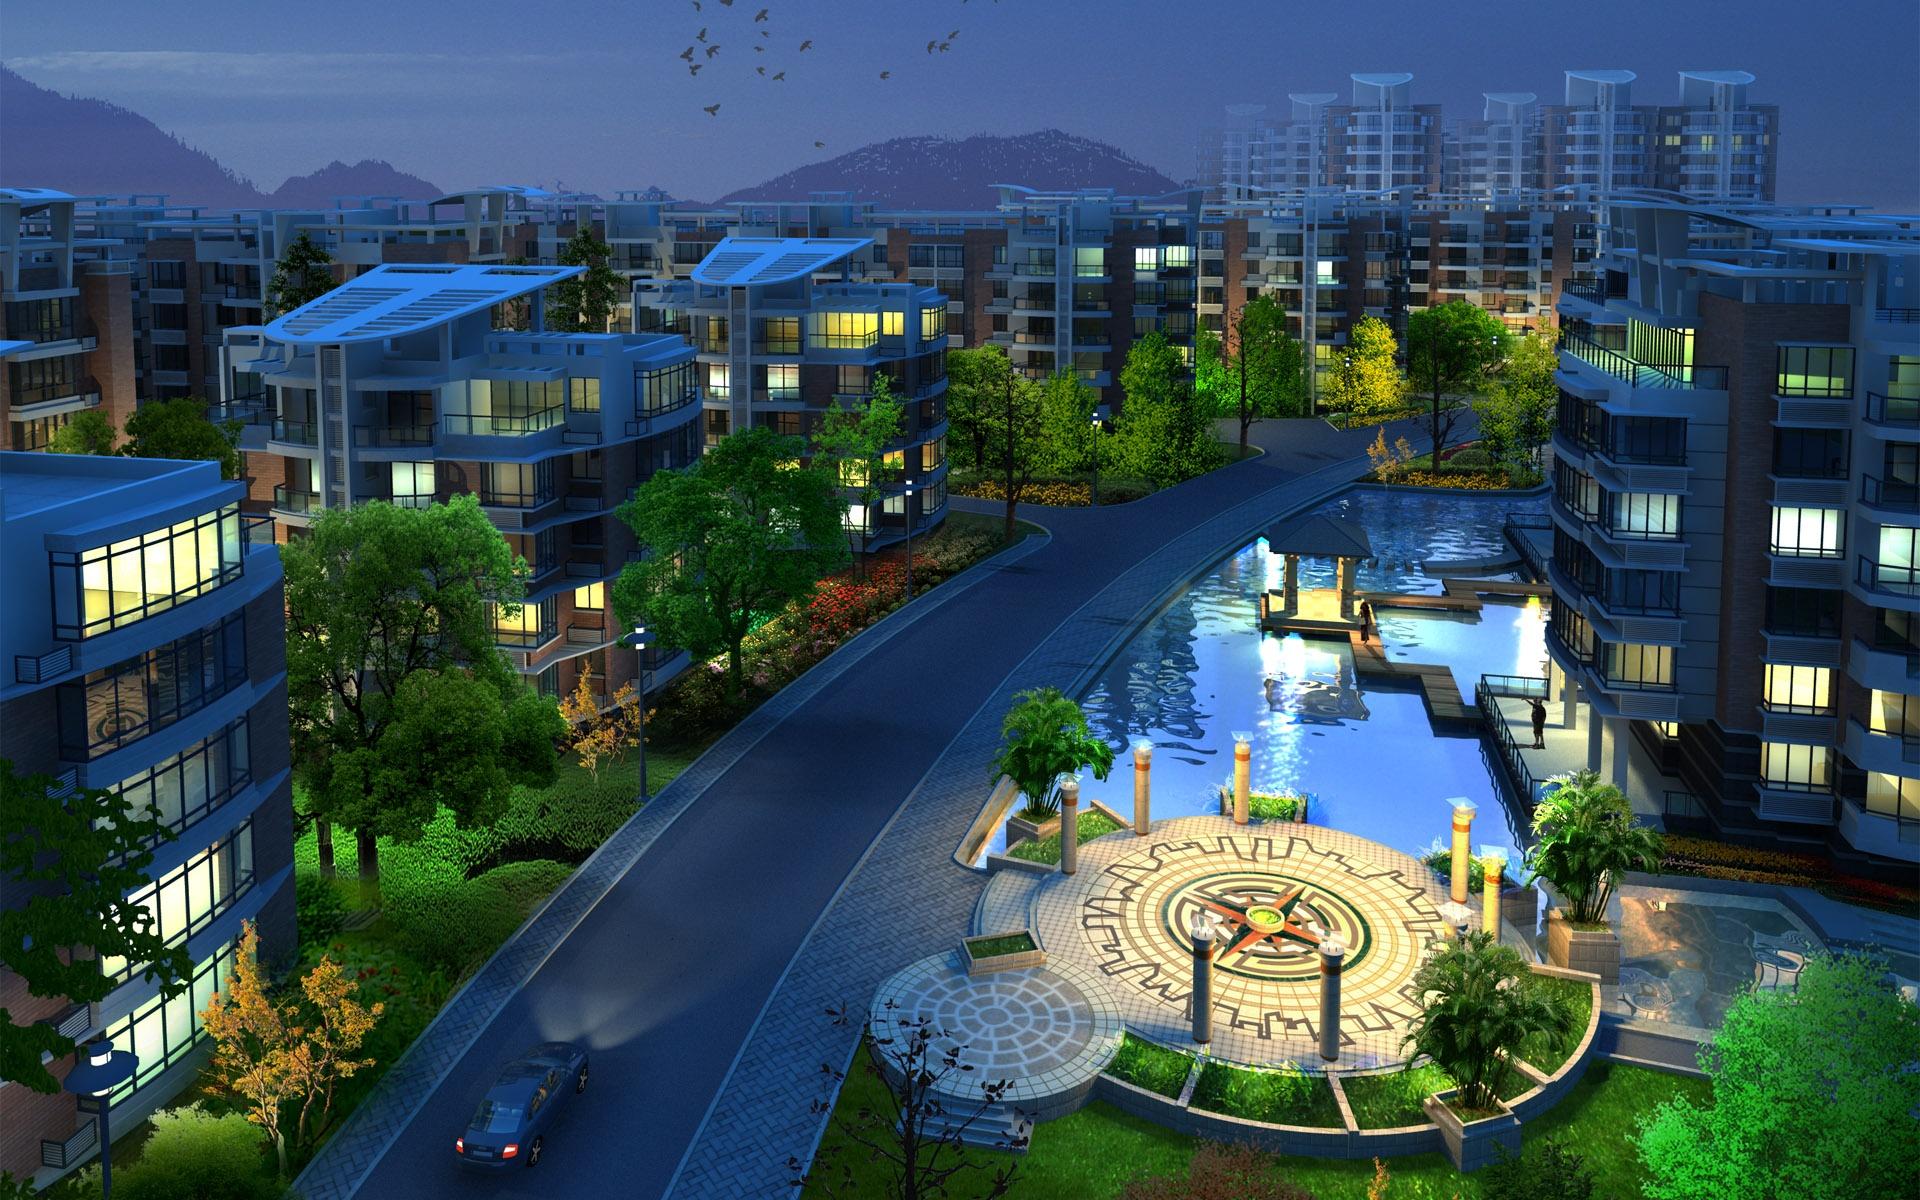 Luxury Neighborhood Buildings.